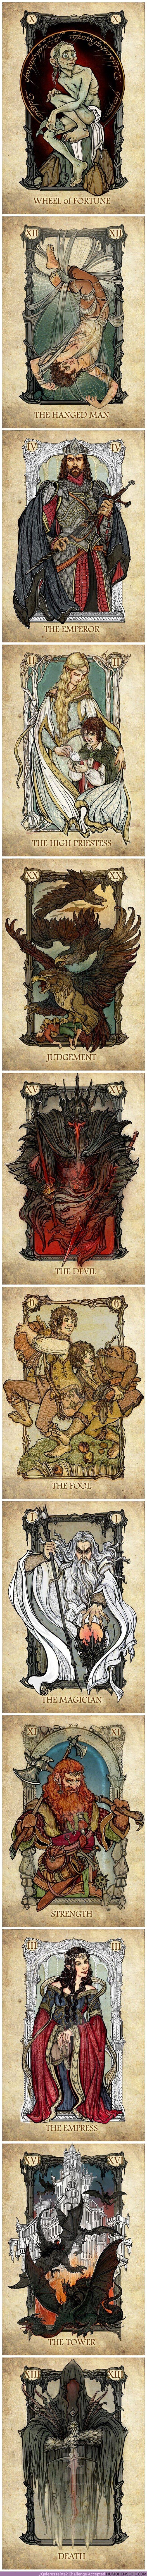 33258 - Las cartas del tarot de Olga Levina inspiradas en 'El Señor de los Anillos'